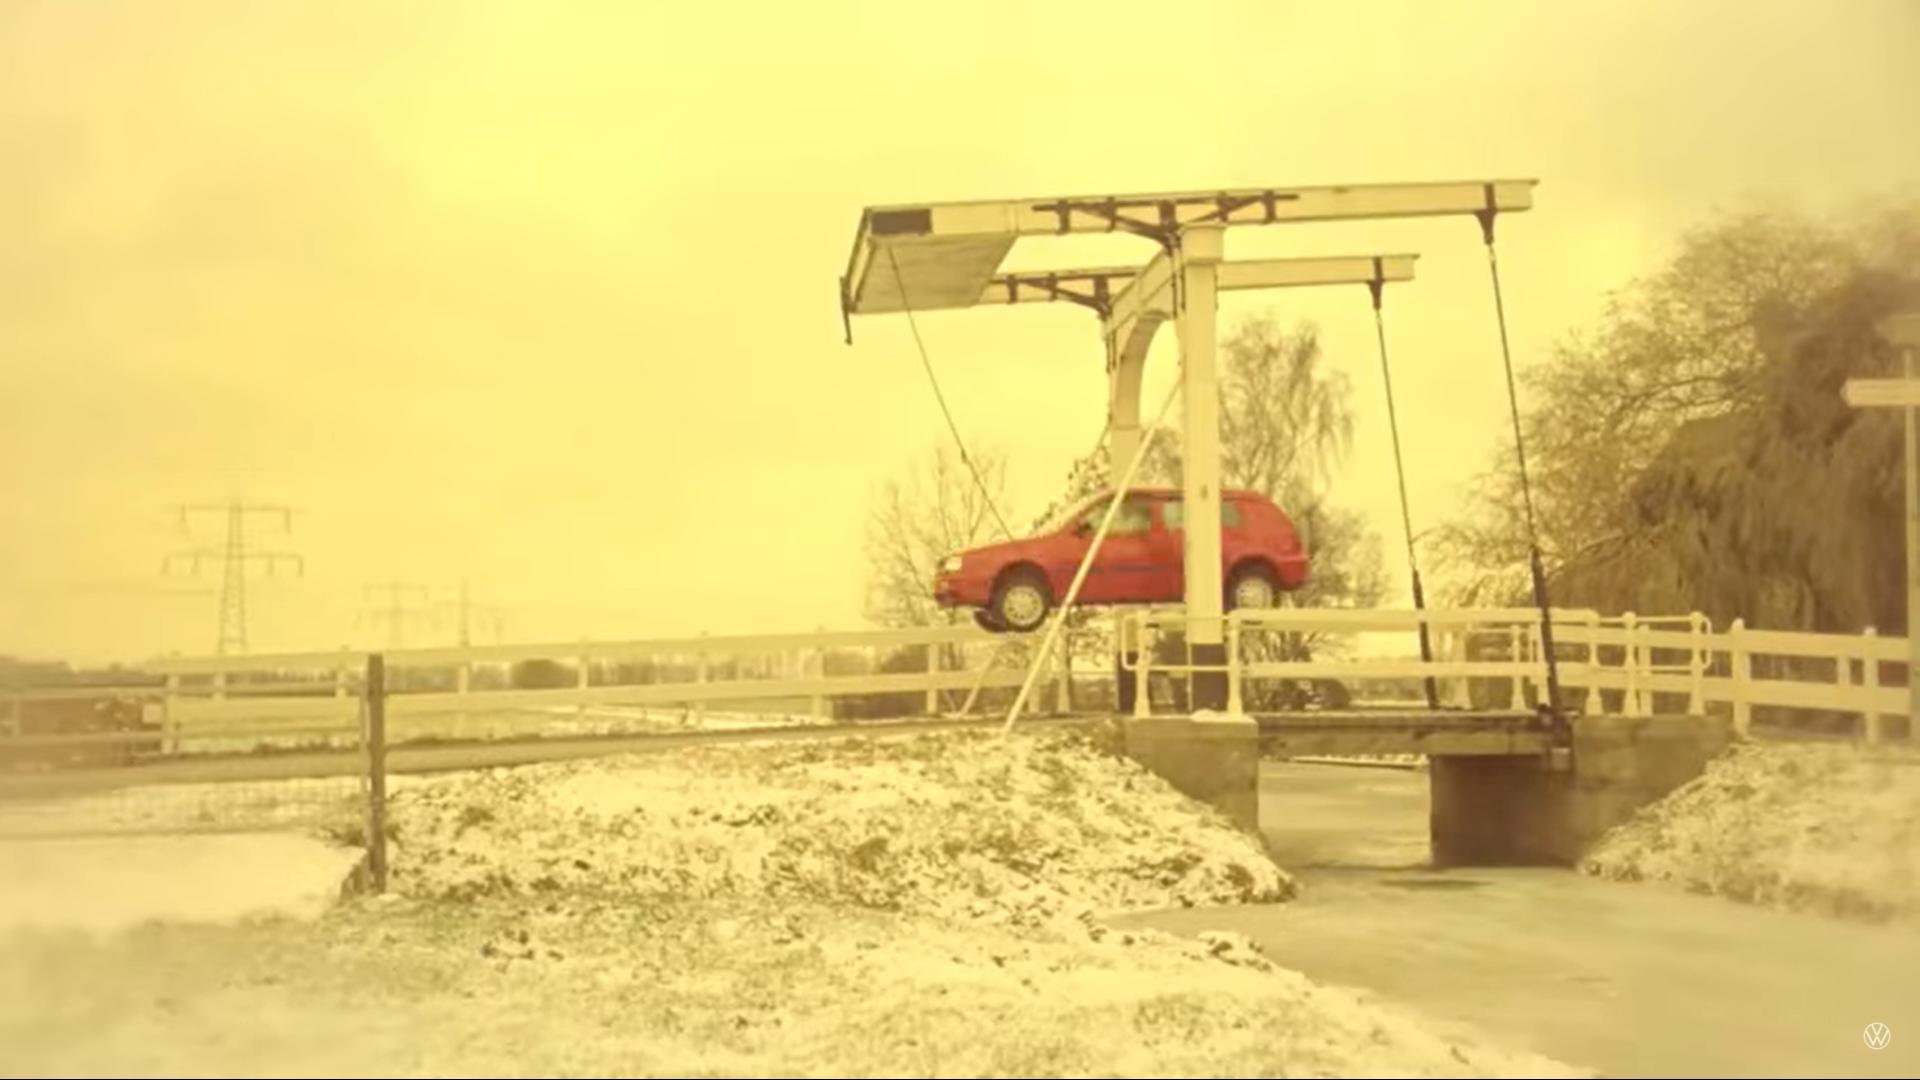 Volkswagen en het oude vrouwtje reclame sprong